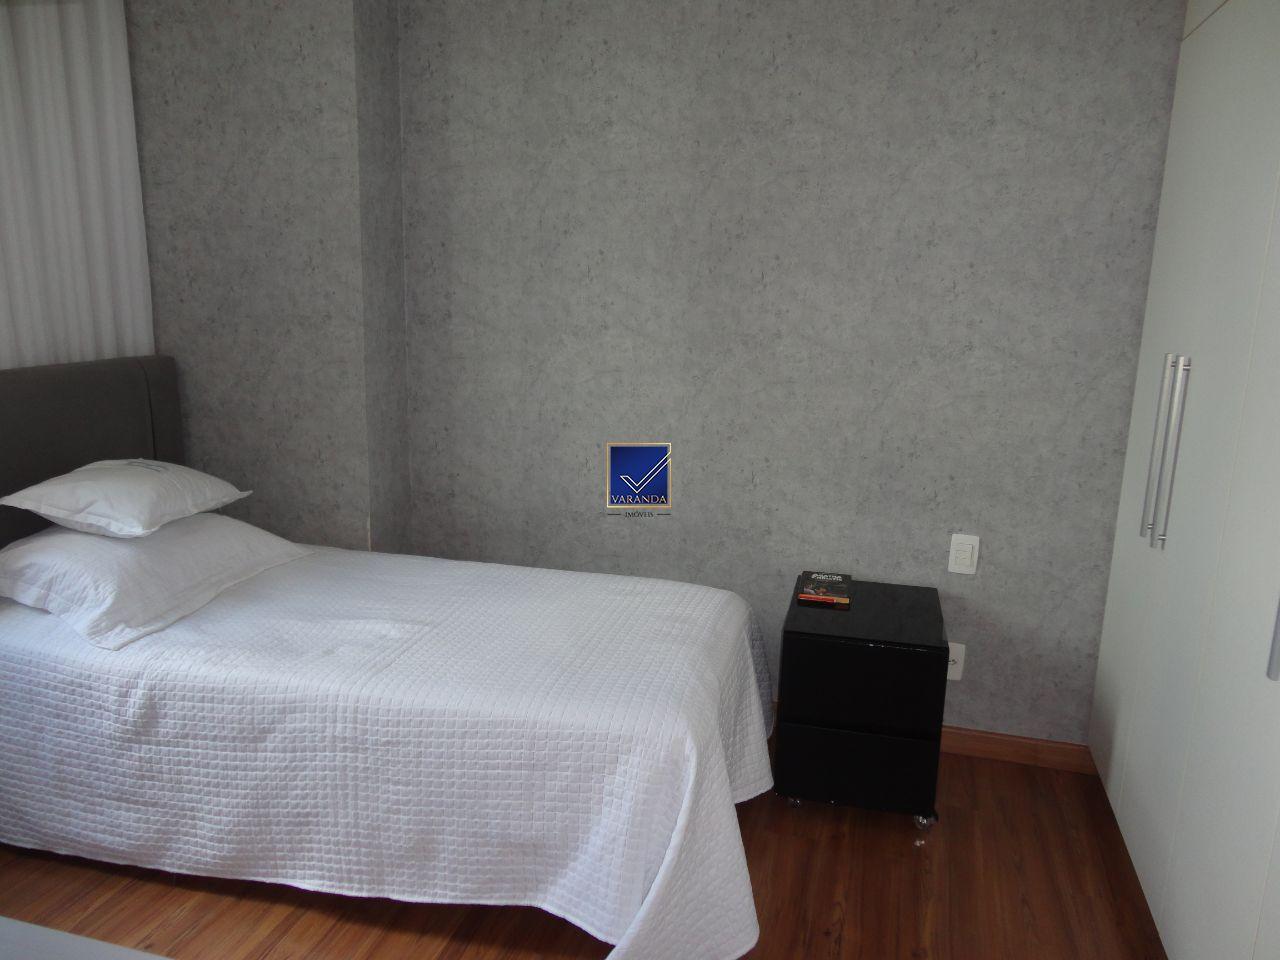 Venha morar em um amplo apartamento 4 quartos  padrão luxo à venda no bairro Santa Lúcia